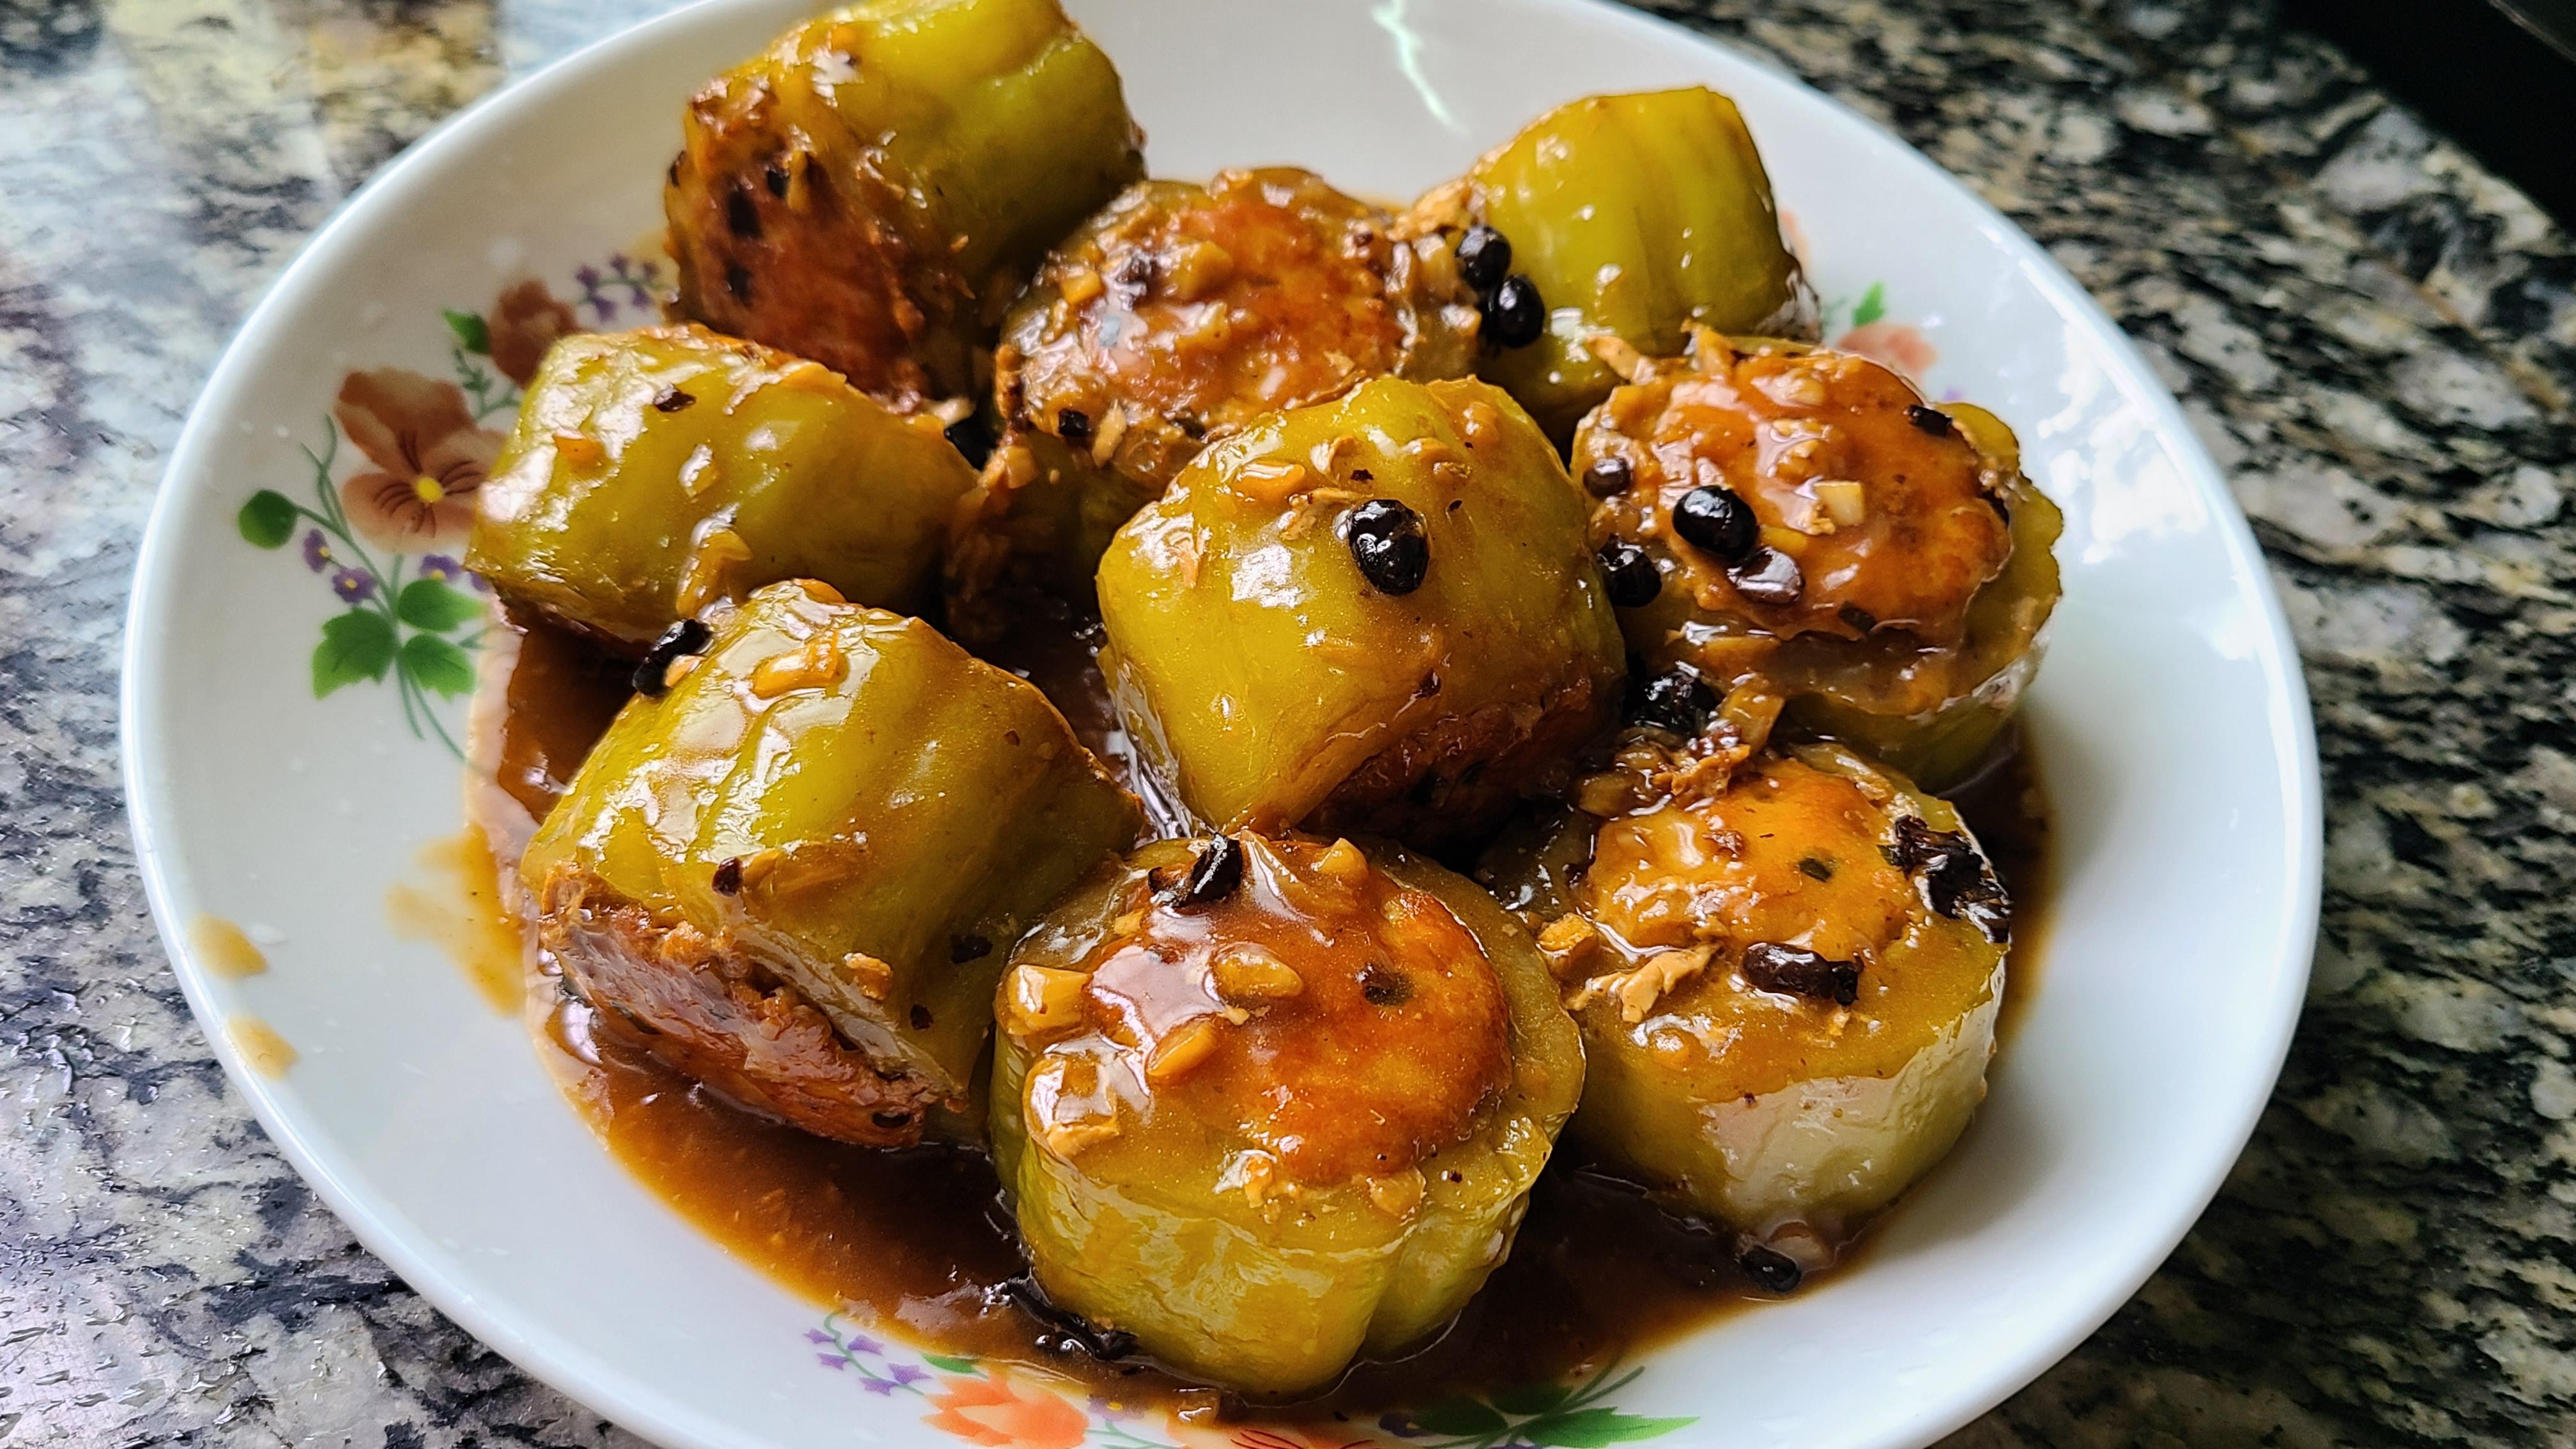 天氣這麼熱,教你一道廣東常見的釀苦瓜,香濃美味,好吃簡單